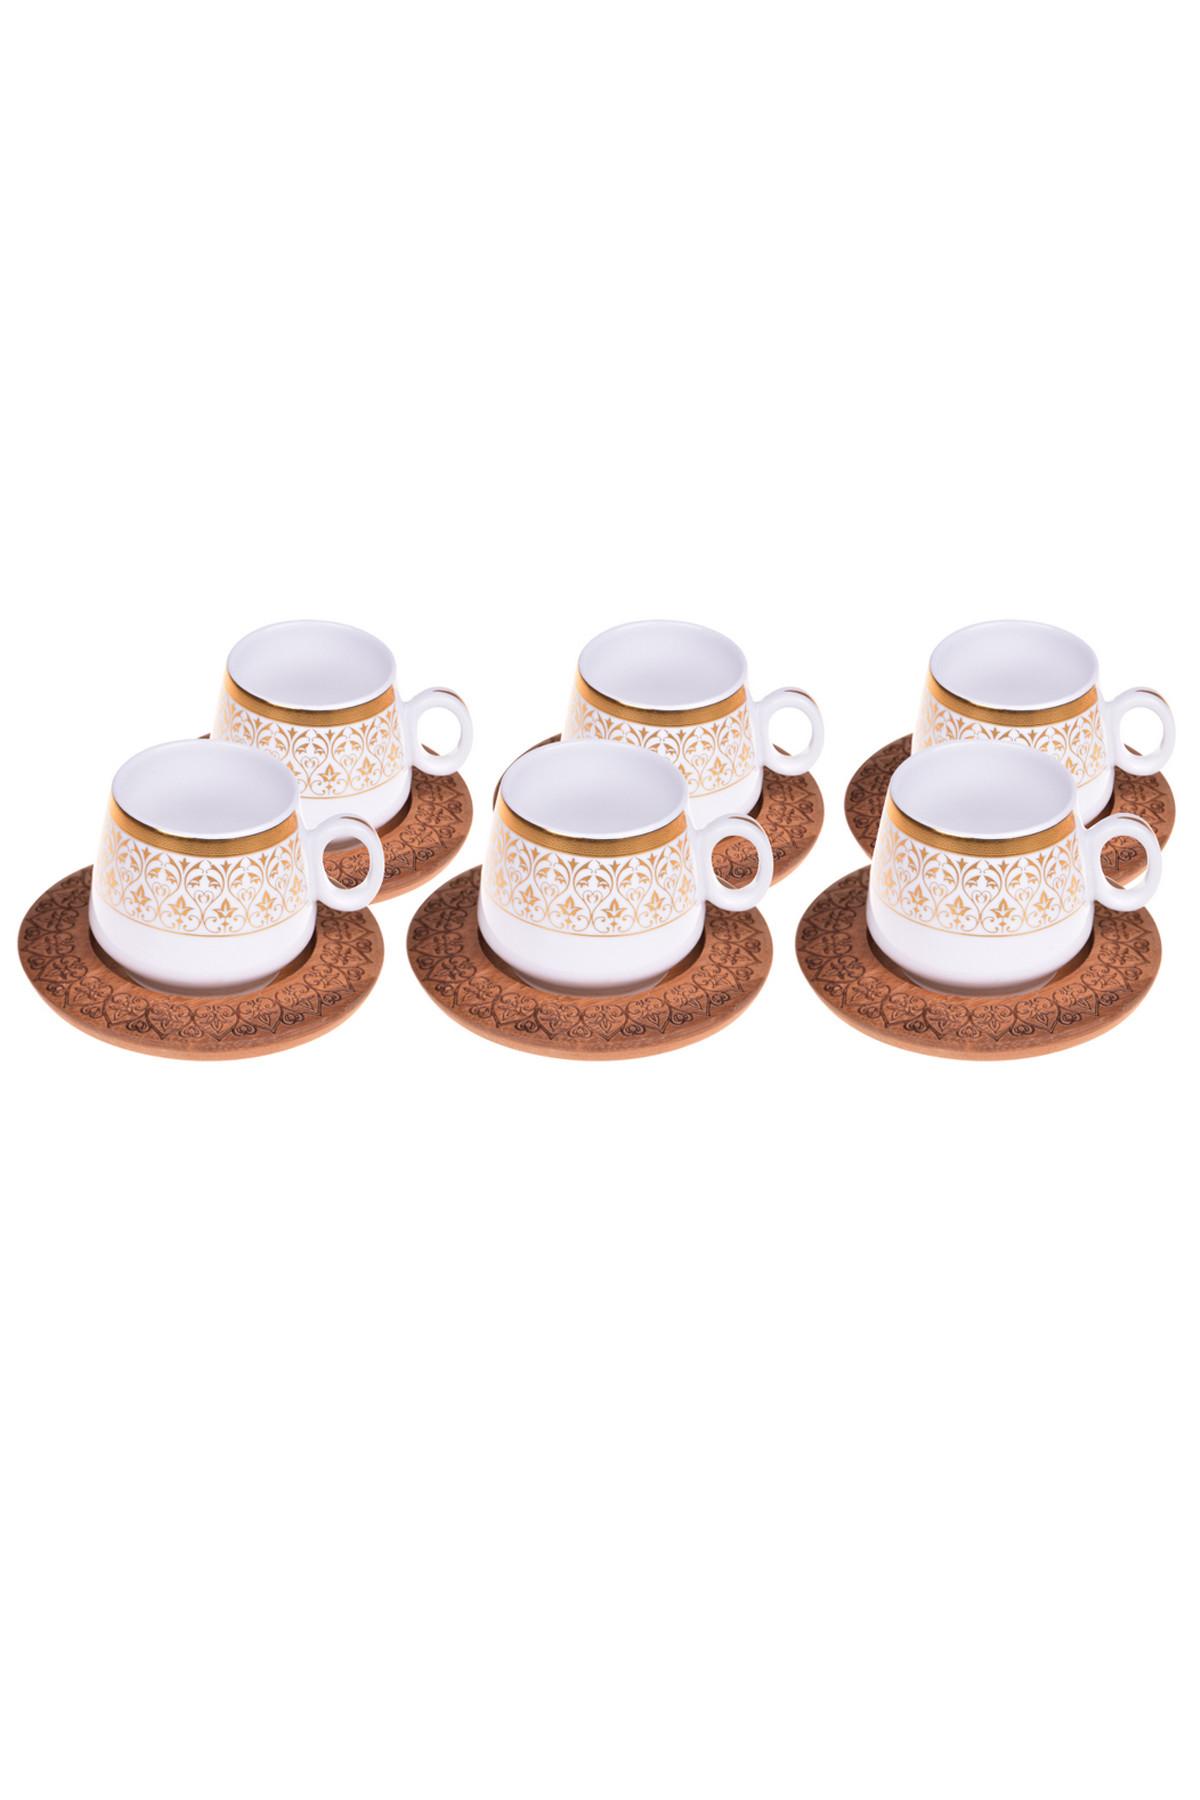 Sepetcibaba - Ottoman - 6 Kişilik Kahve Takımı Desen Altlıklı